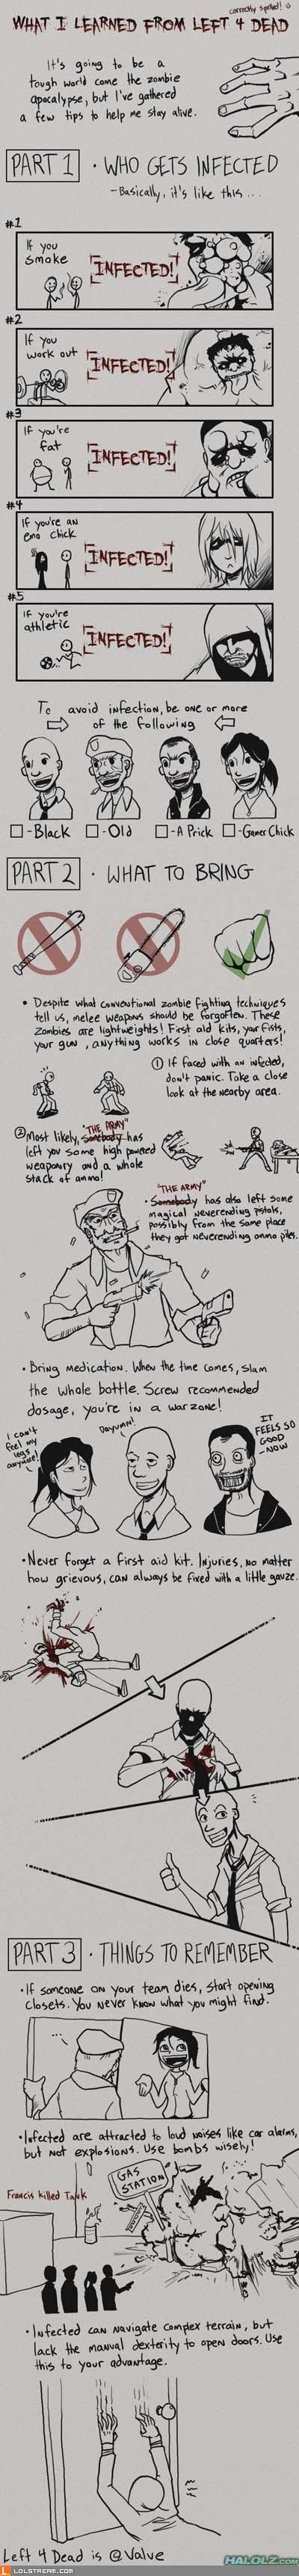 Left 4 Dead Survival Guide